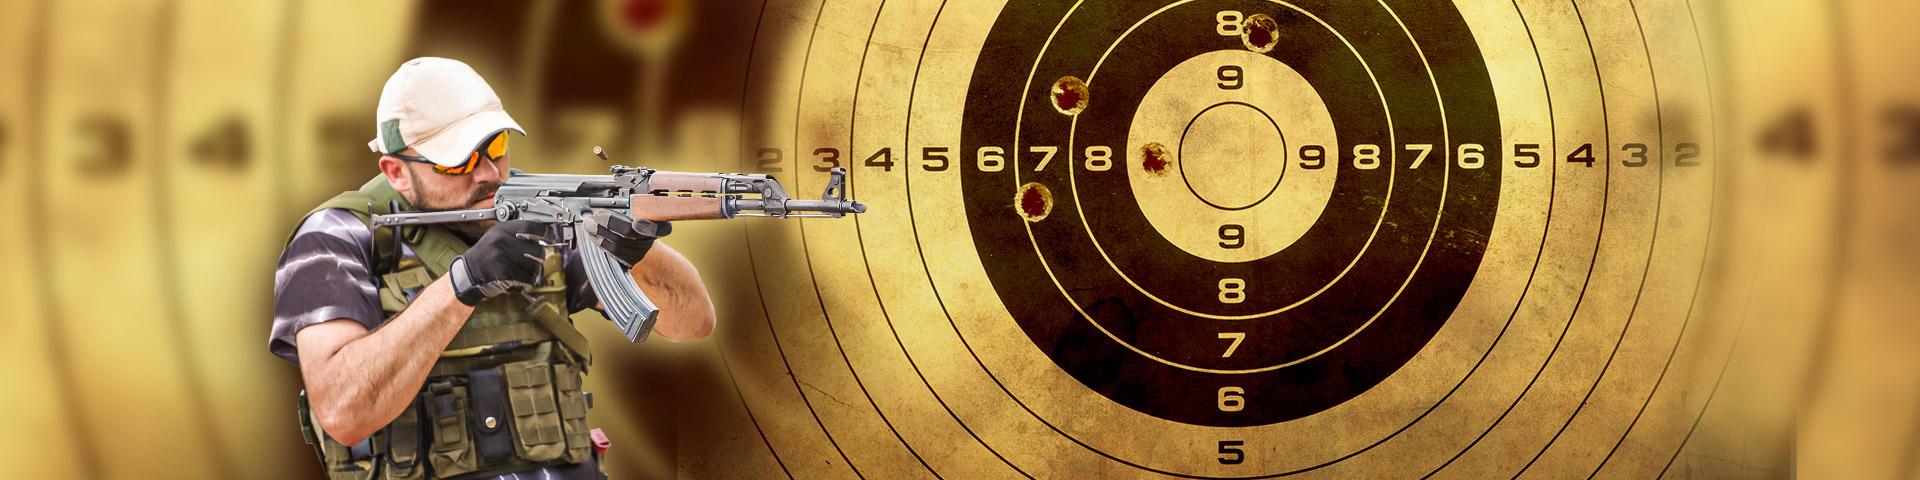 Střelnice - zážitková střelba